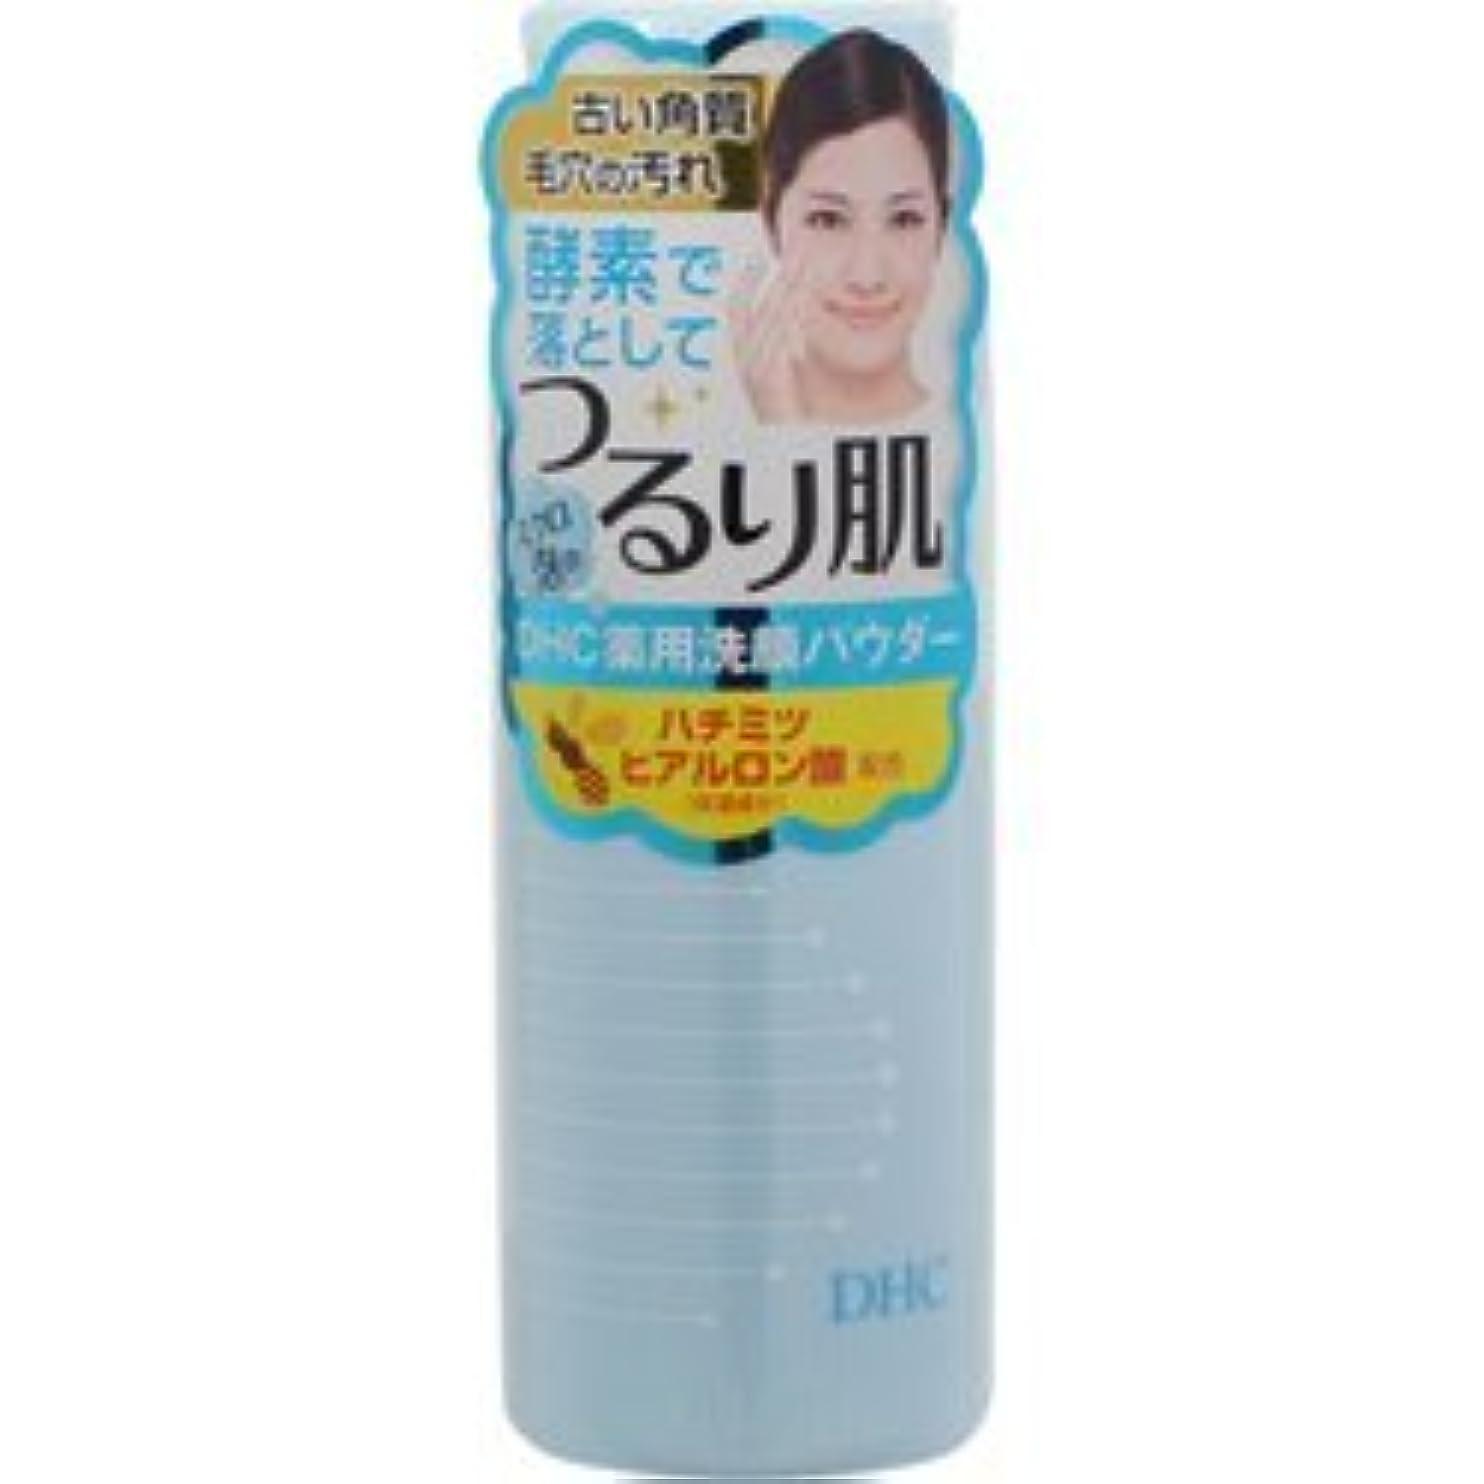 極地濃度それにもかかわらず【DHC】薬用洗顔パウダーSS 50g ×5個セット